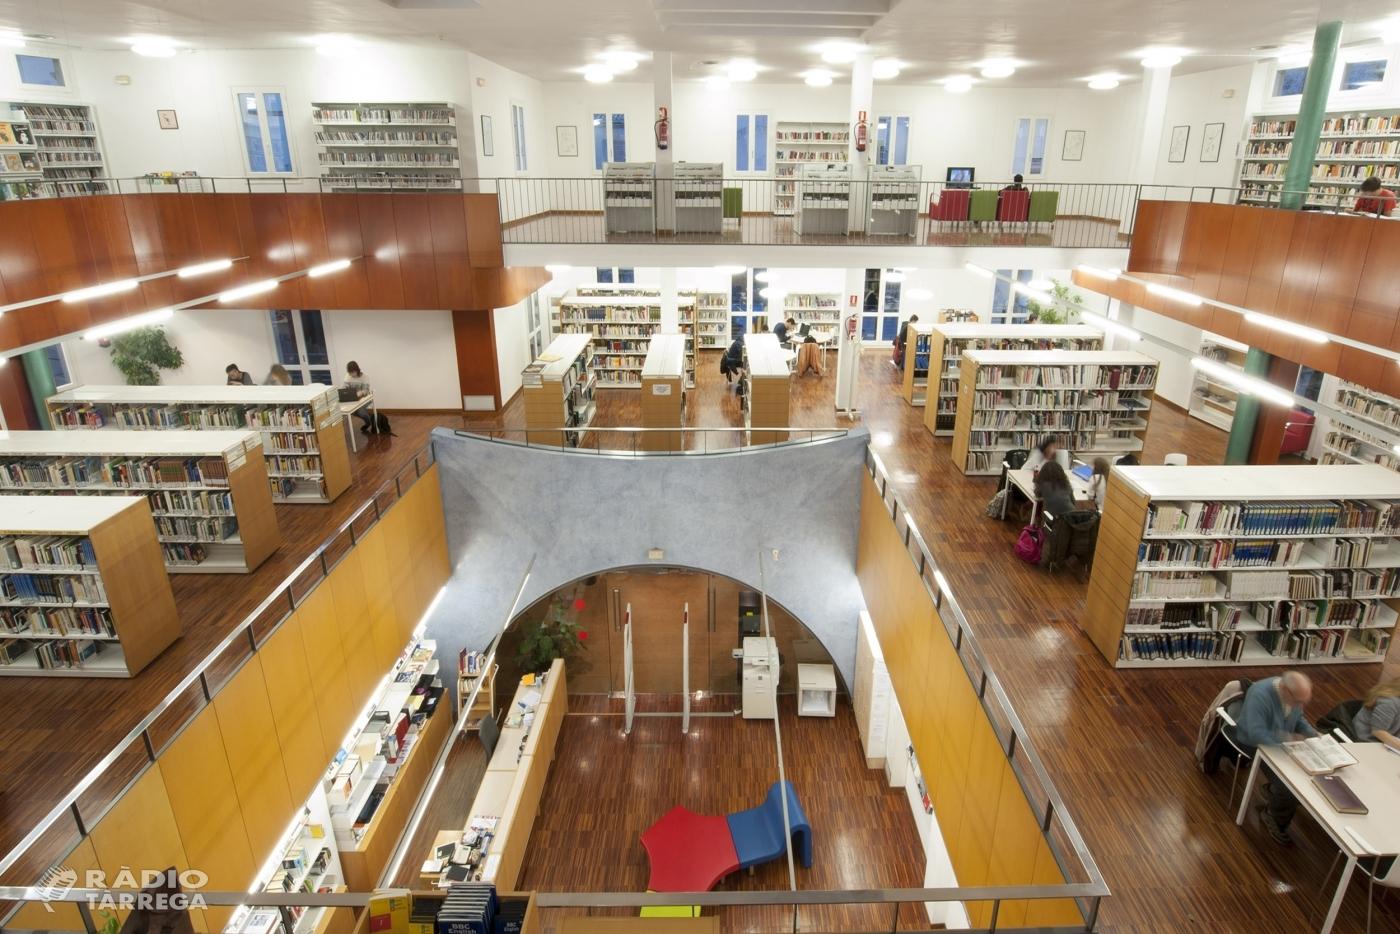 La Biblioteca Comarcal de Tàrrega commemora el seu 24è aniversari amb la participació de l'escriptor Jordi Coca, la psicòloga Núria Beitia i el músic Lluís Fortuny